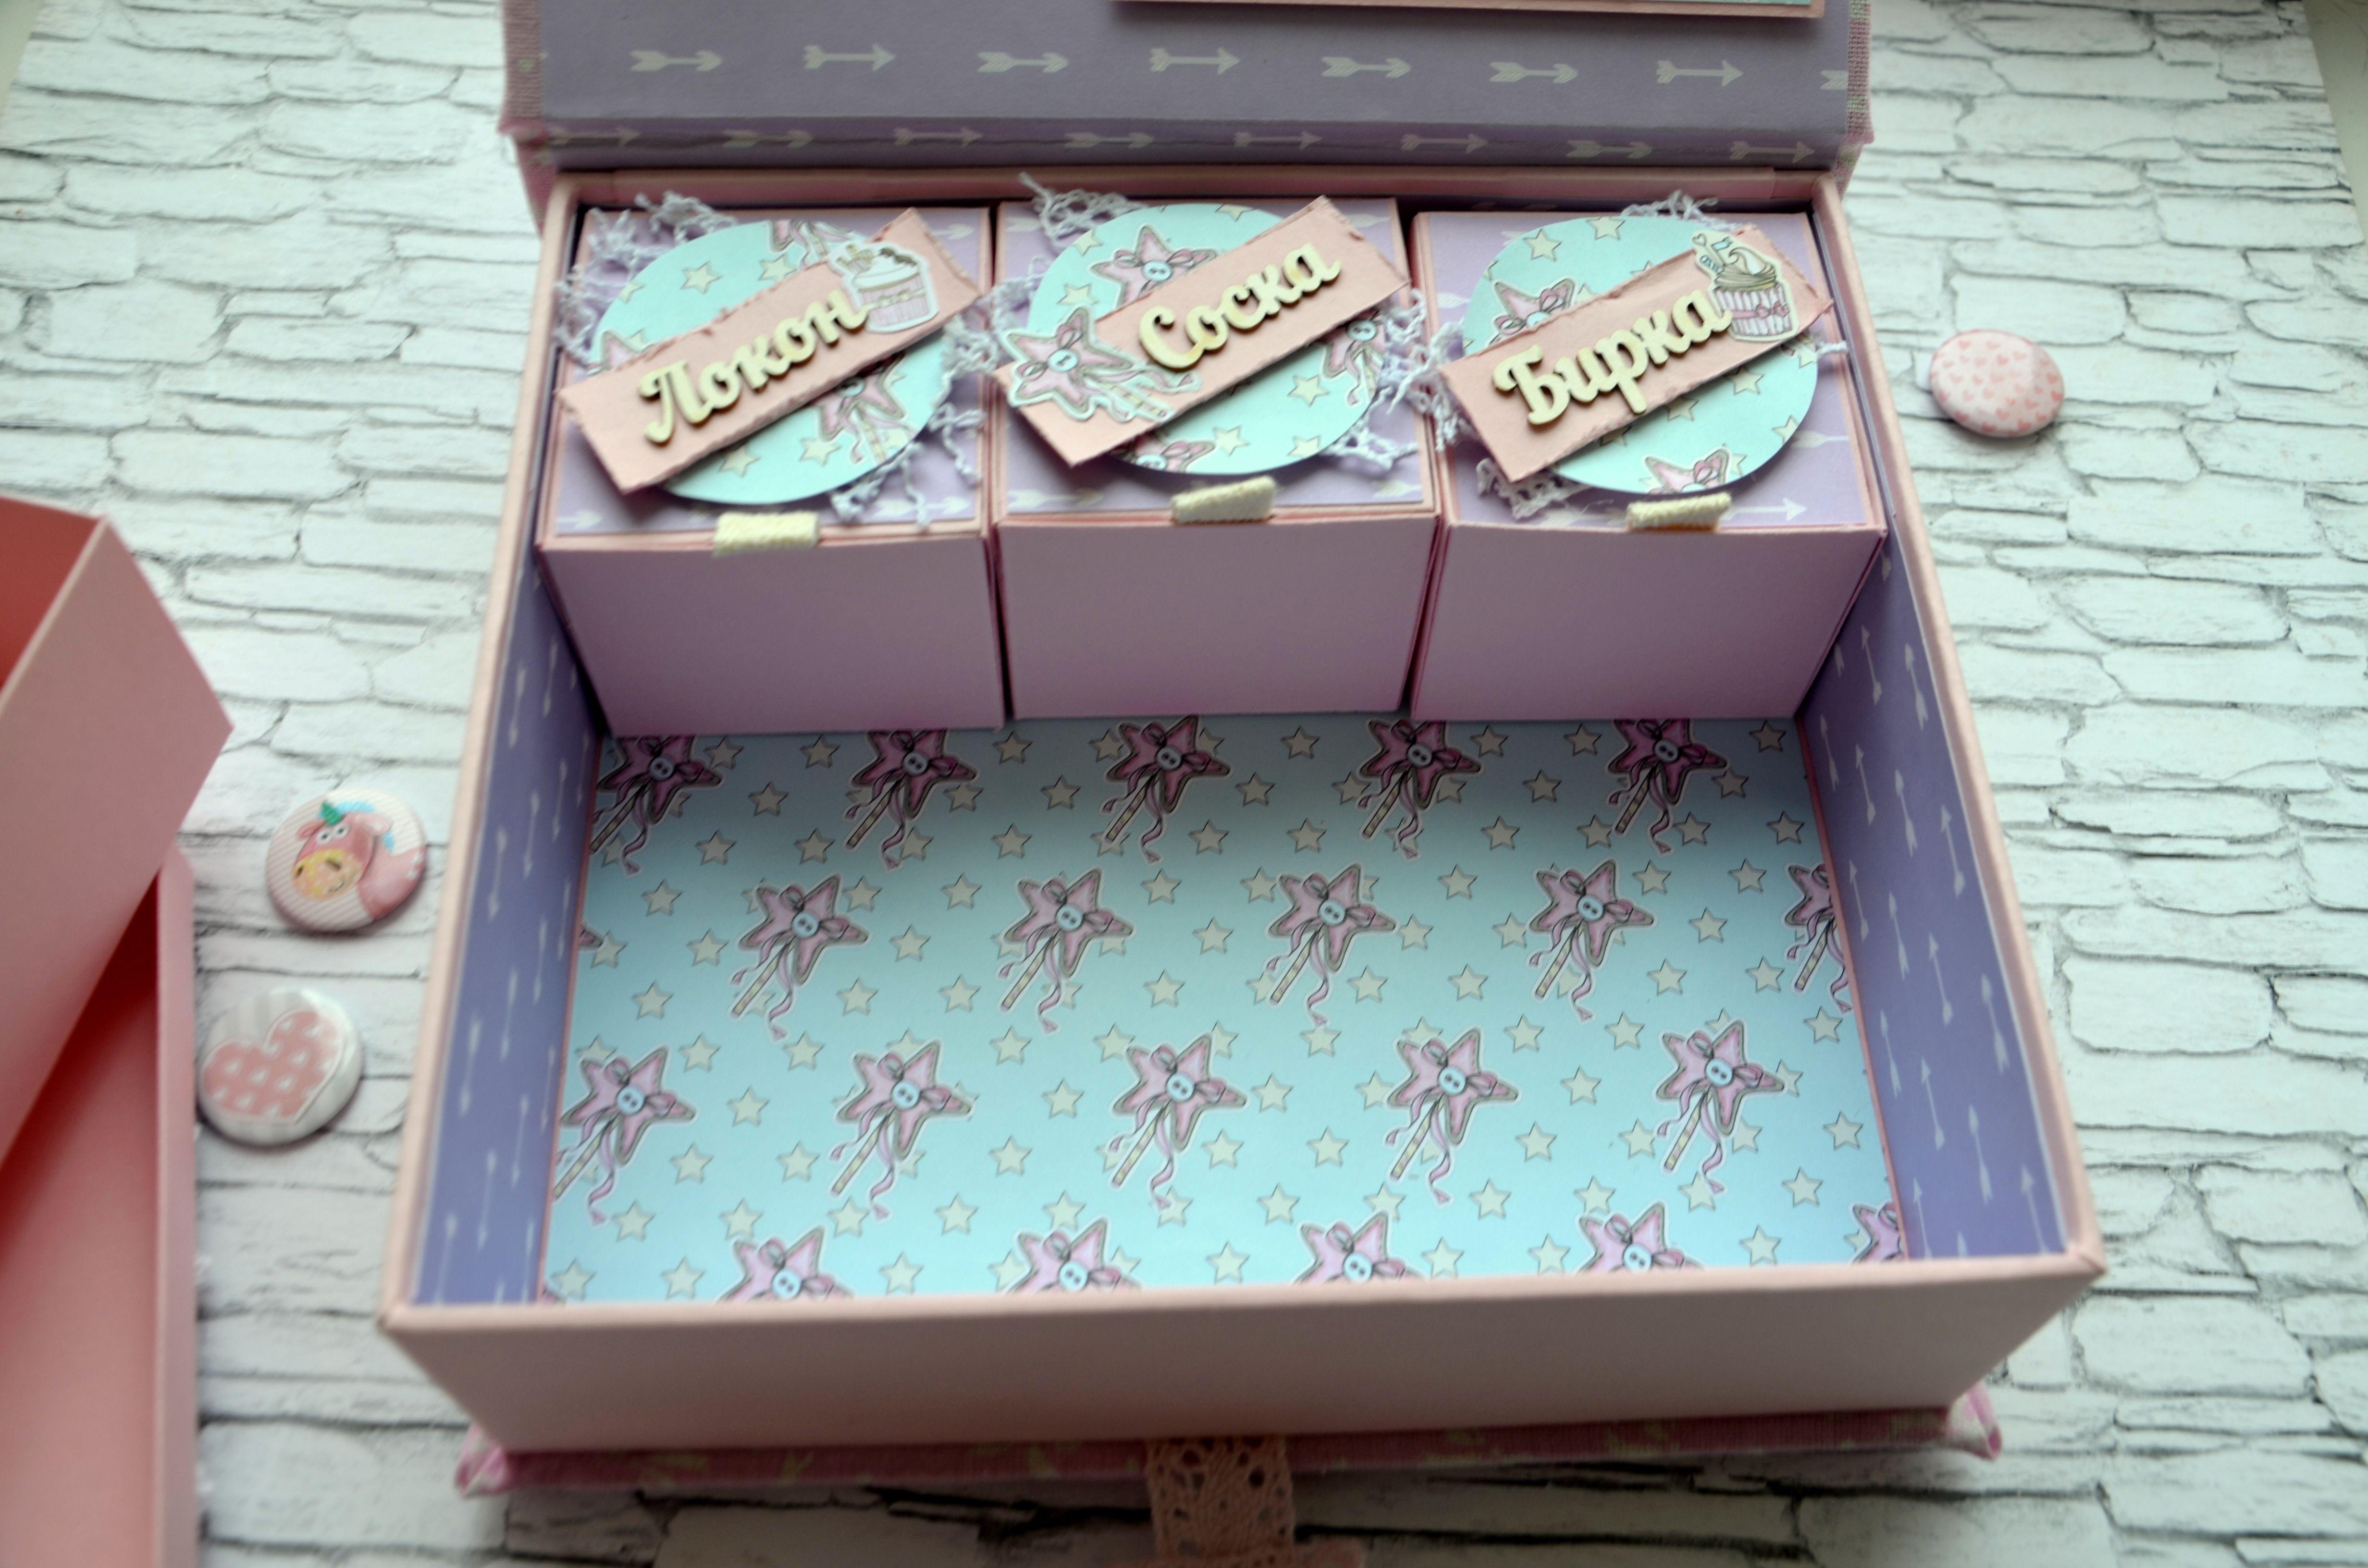 скрапбукинг хранение длядевочки важныемелочи подарок